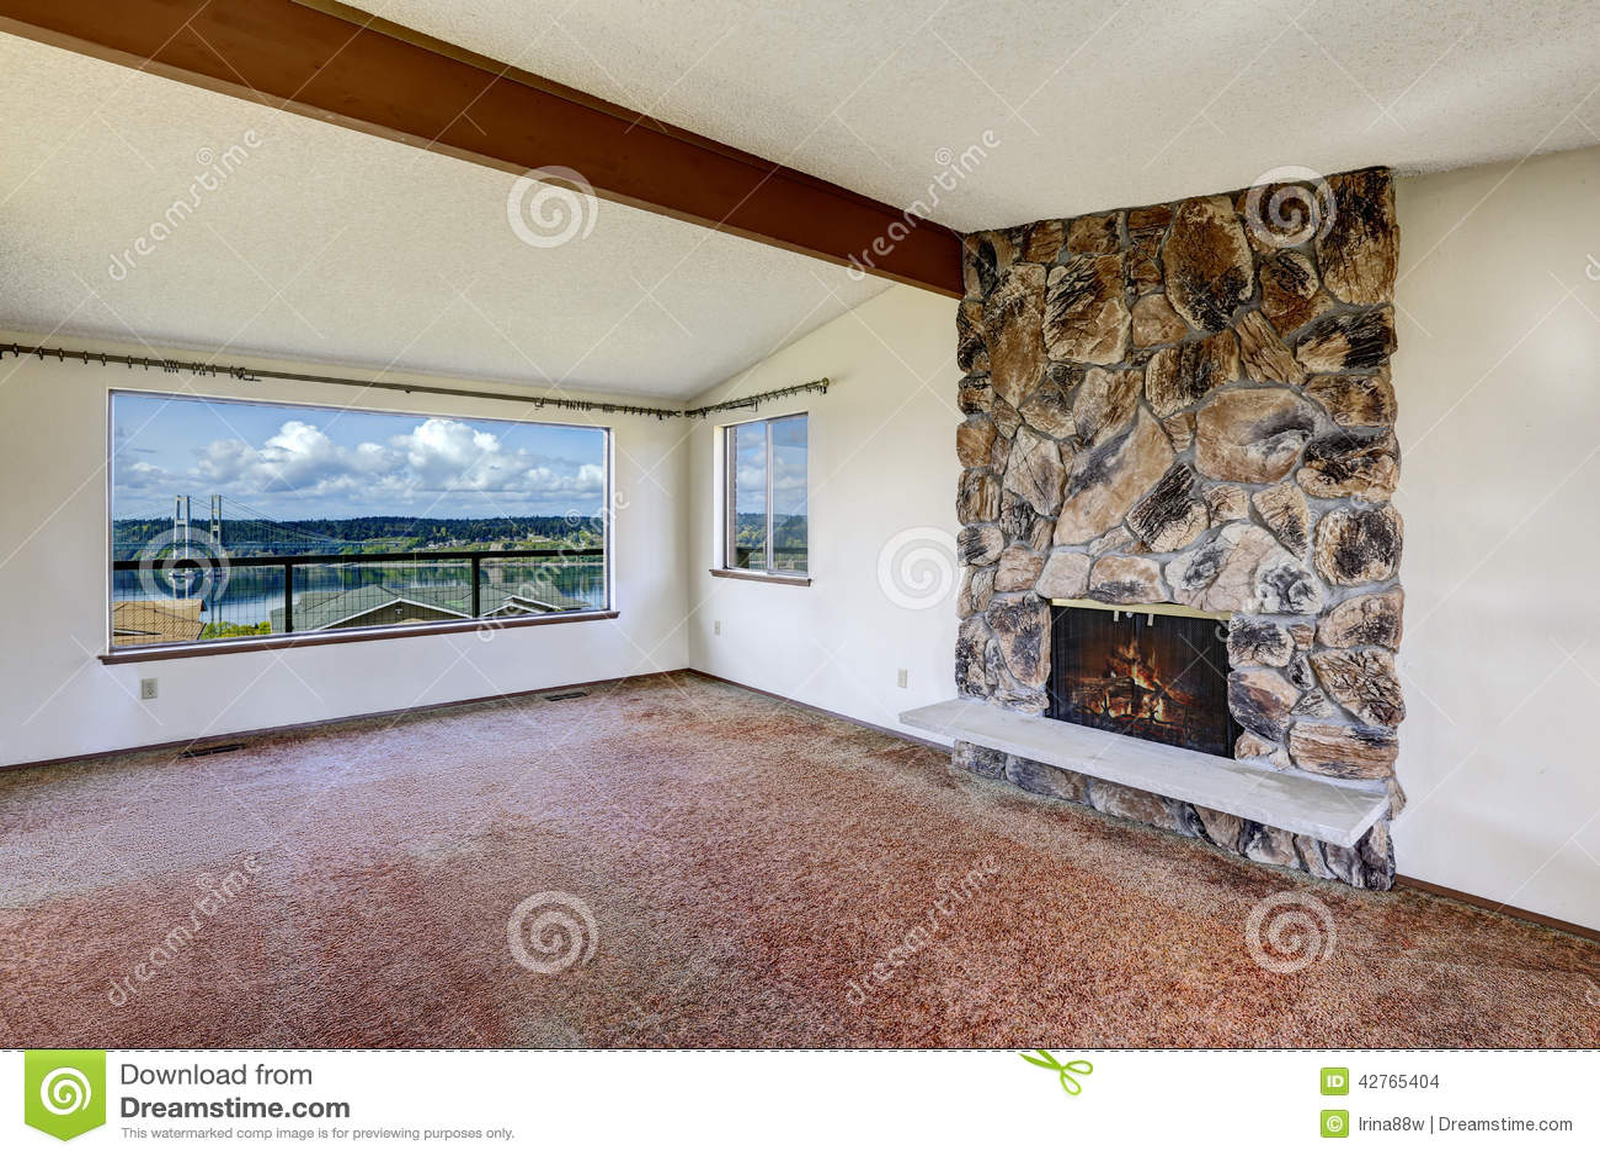 Leeres Wohnzimmer Mit Felsigem Kamin Und Schöner Ansicht Des Konzerts Stockfoto - Bild: 42765404